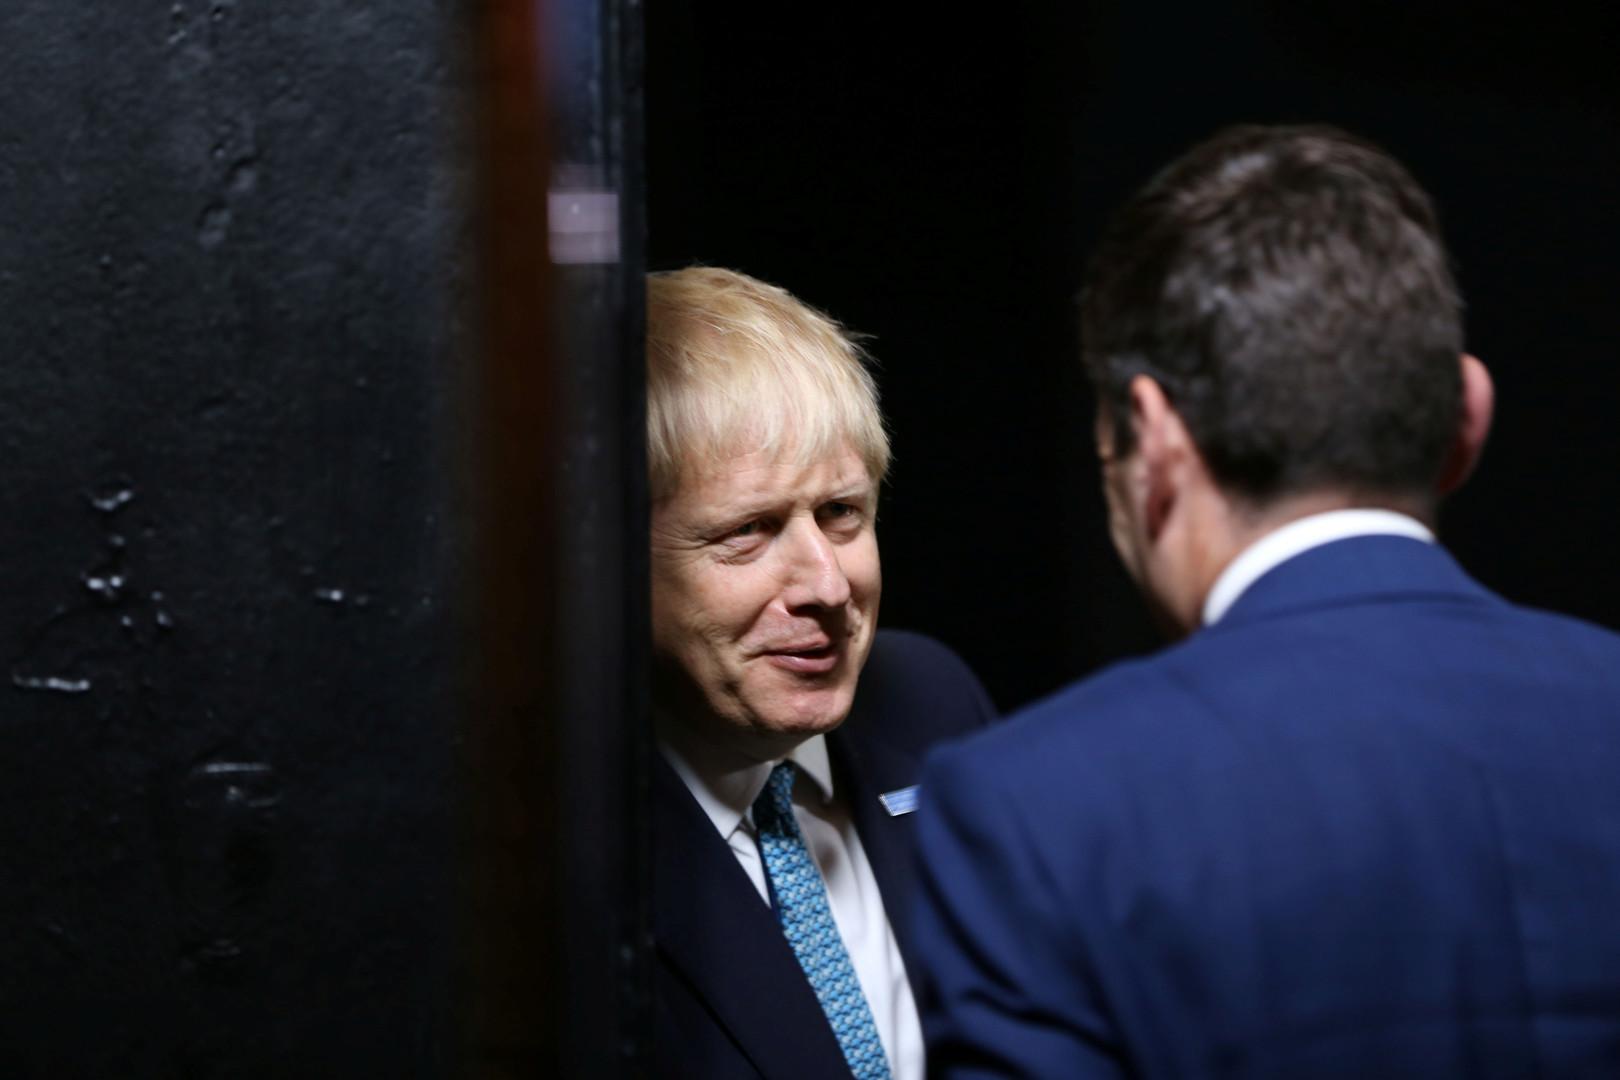 جونسون يحاول كسر مقاومة اسكتلندا لـ